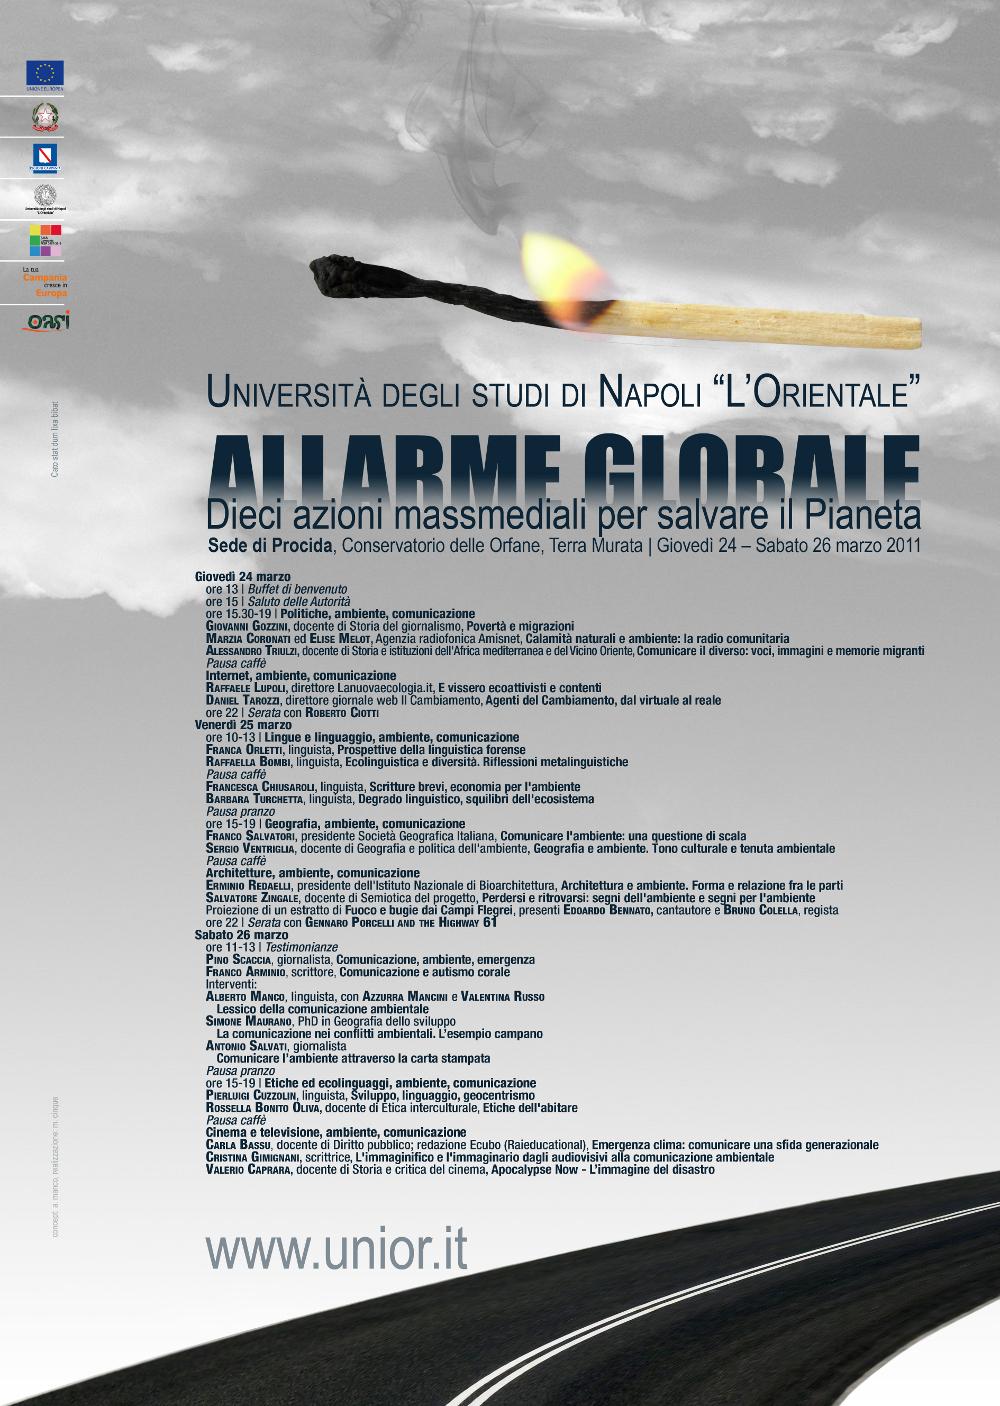 Allarme globale: dieci azioni massmediali per salvare il pianeta